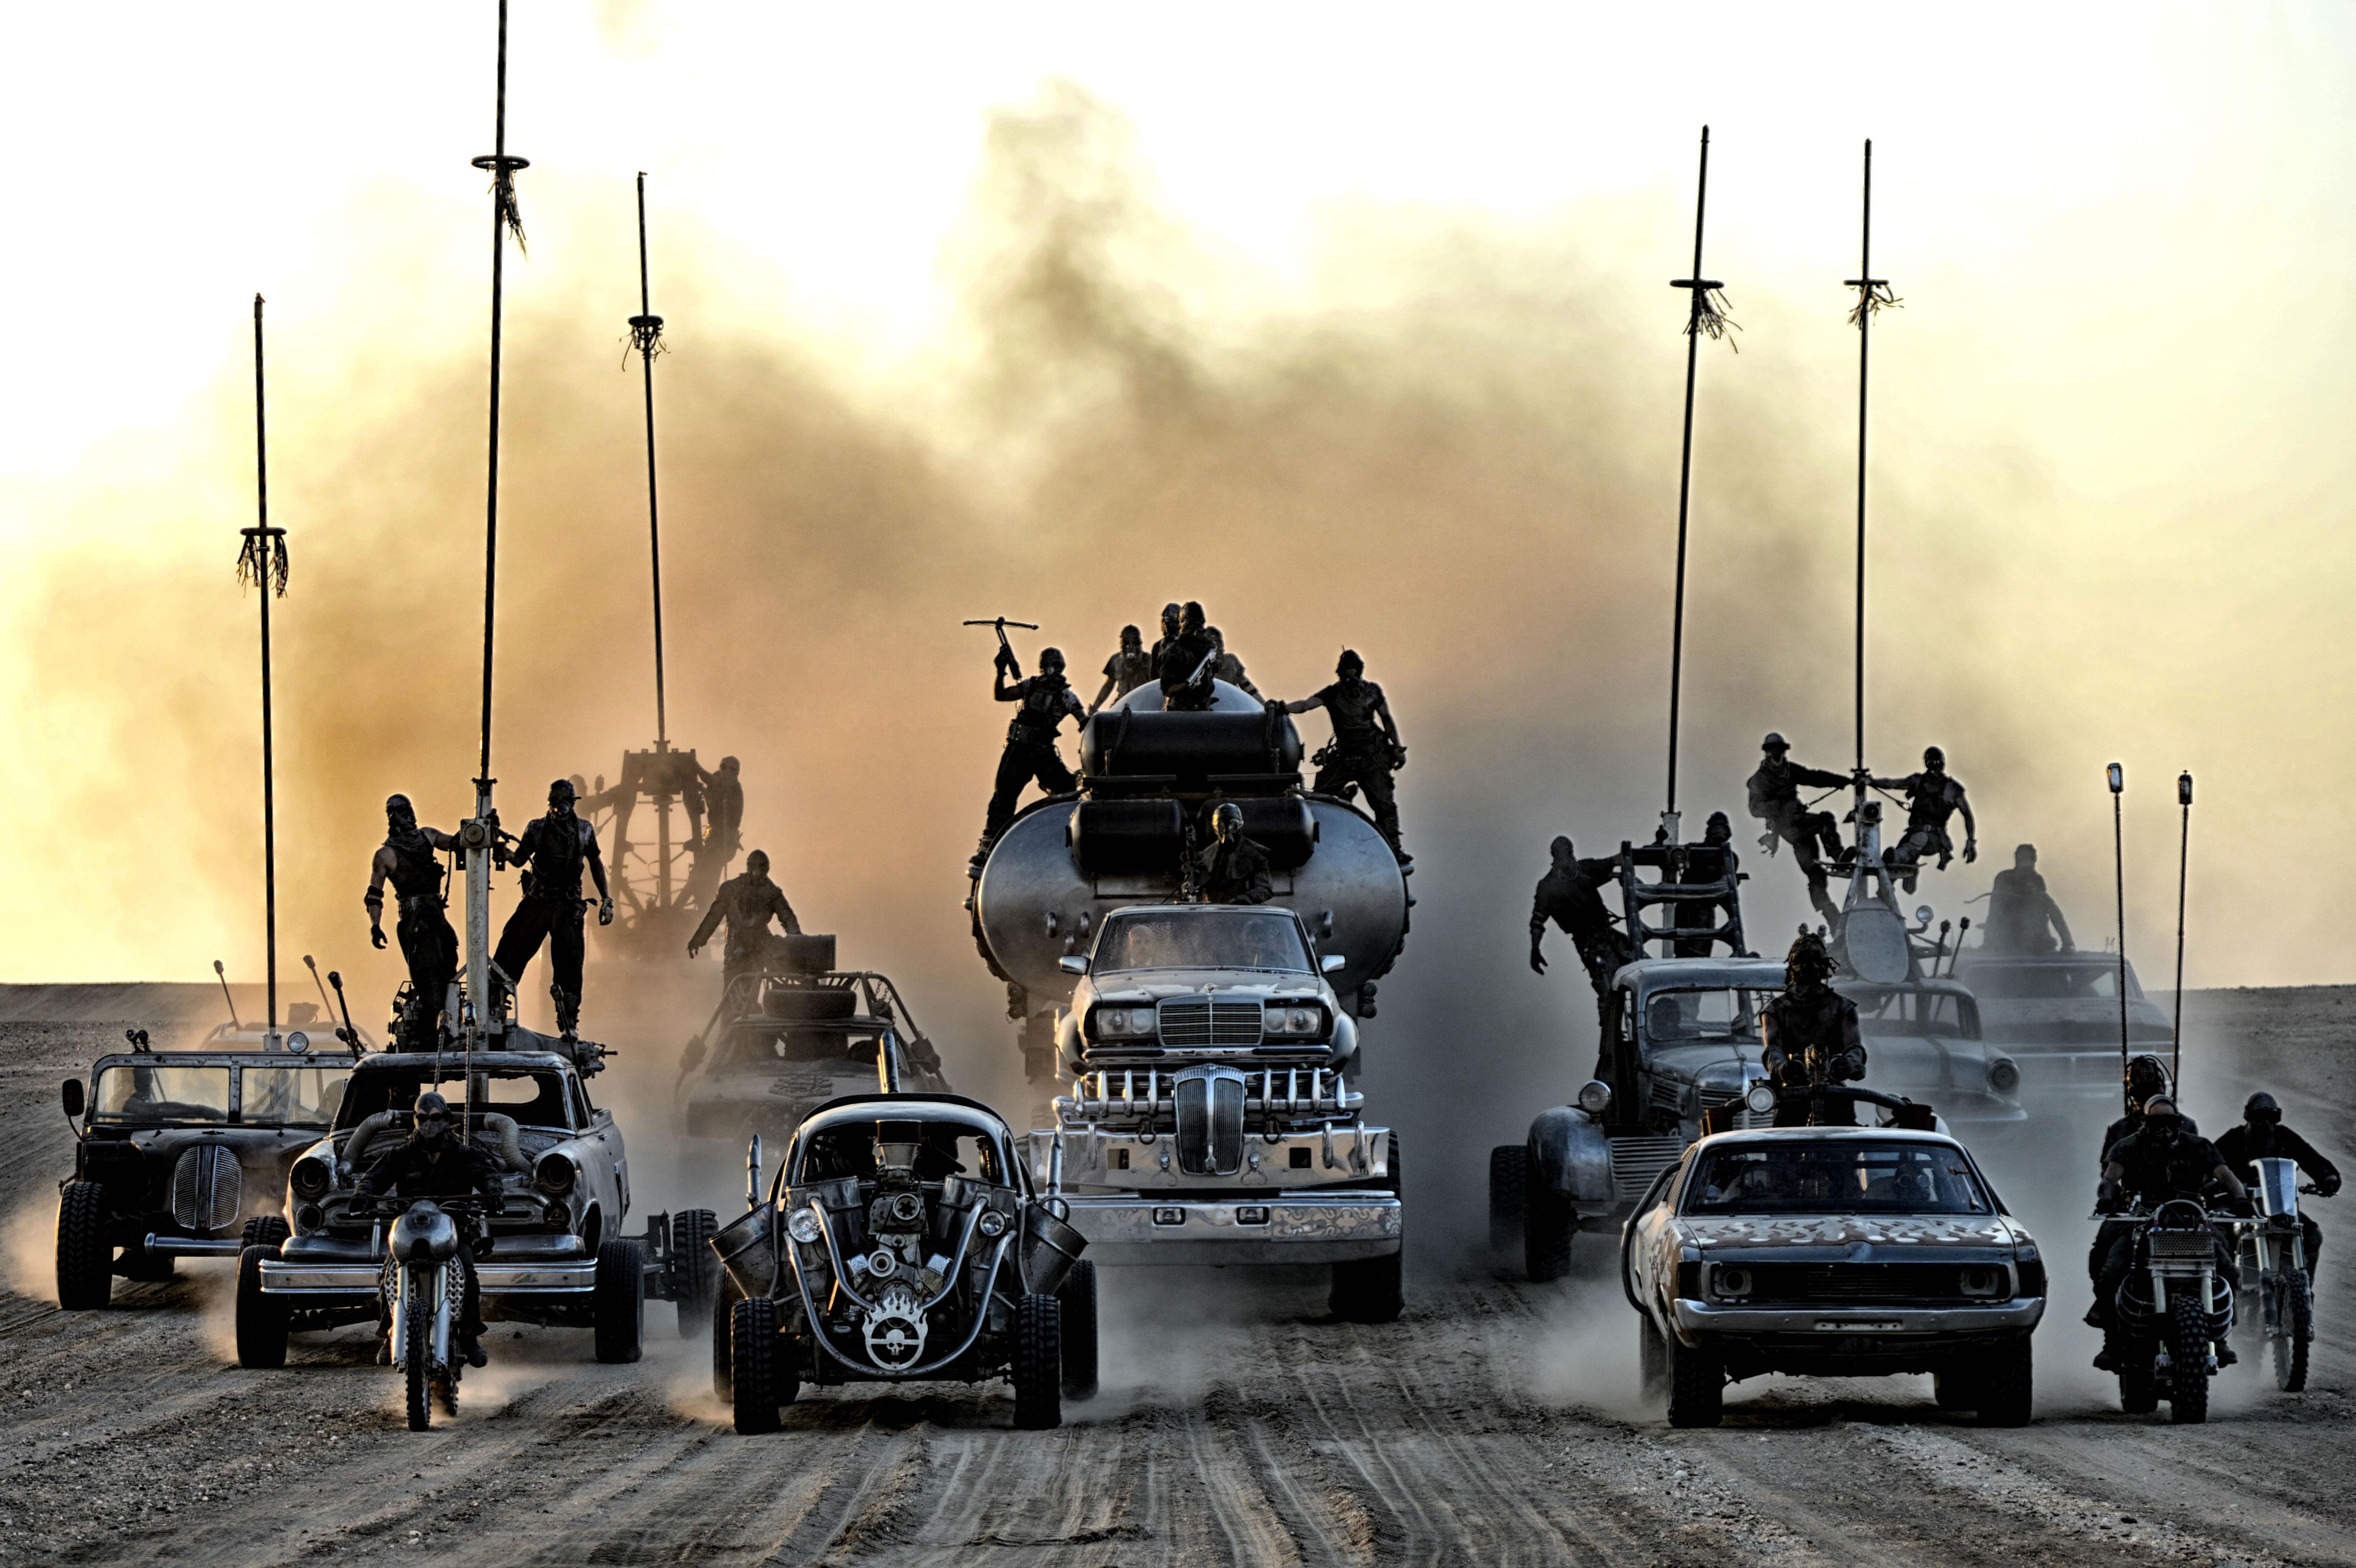 Безумный Макс Дорога ярости (Mad Max Fury Road) отзывы о фильме